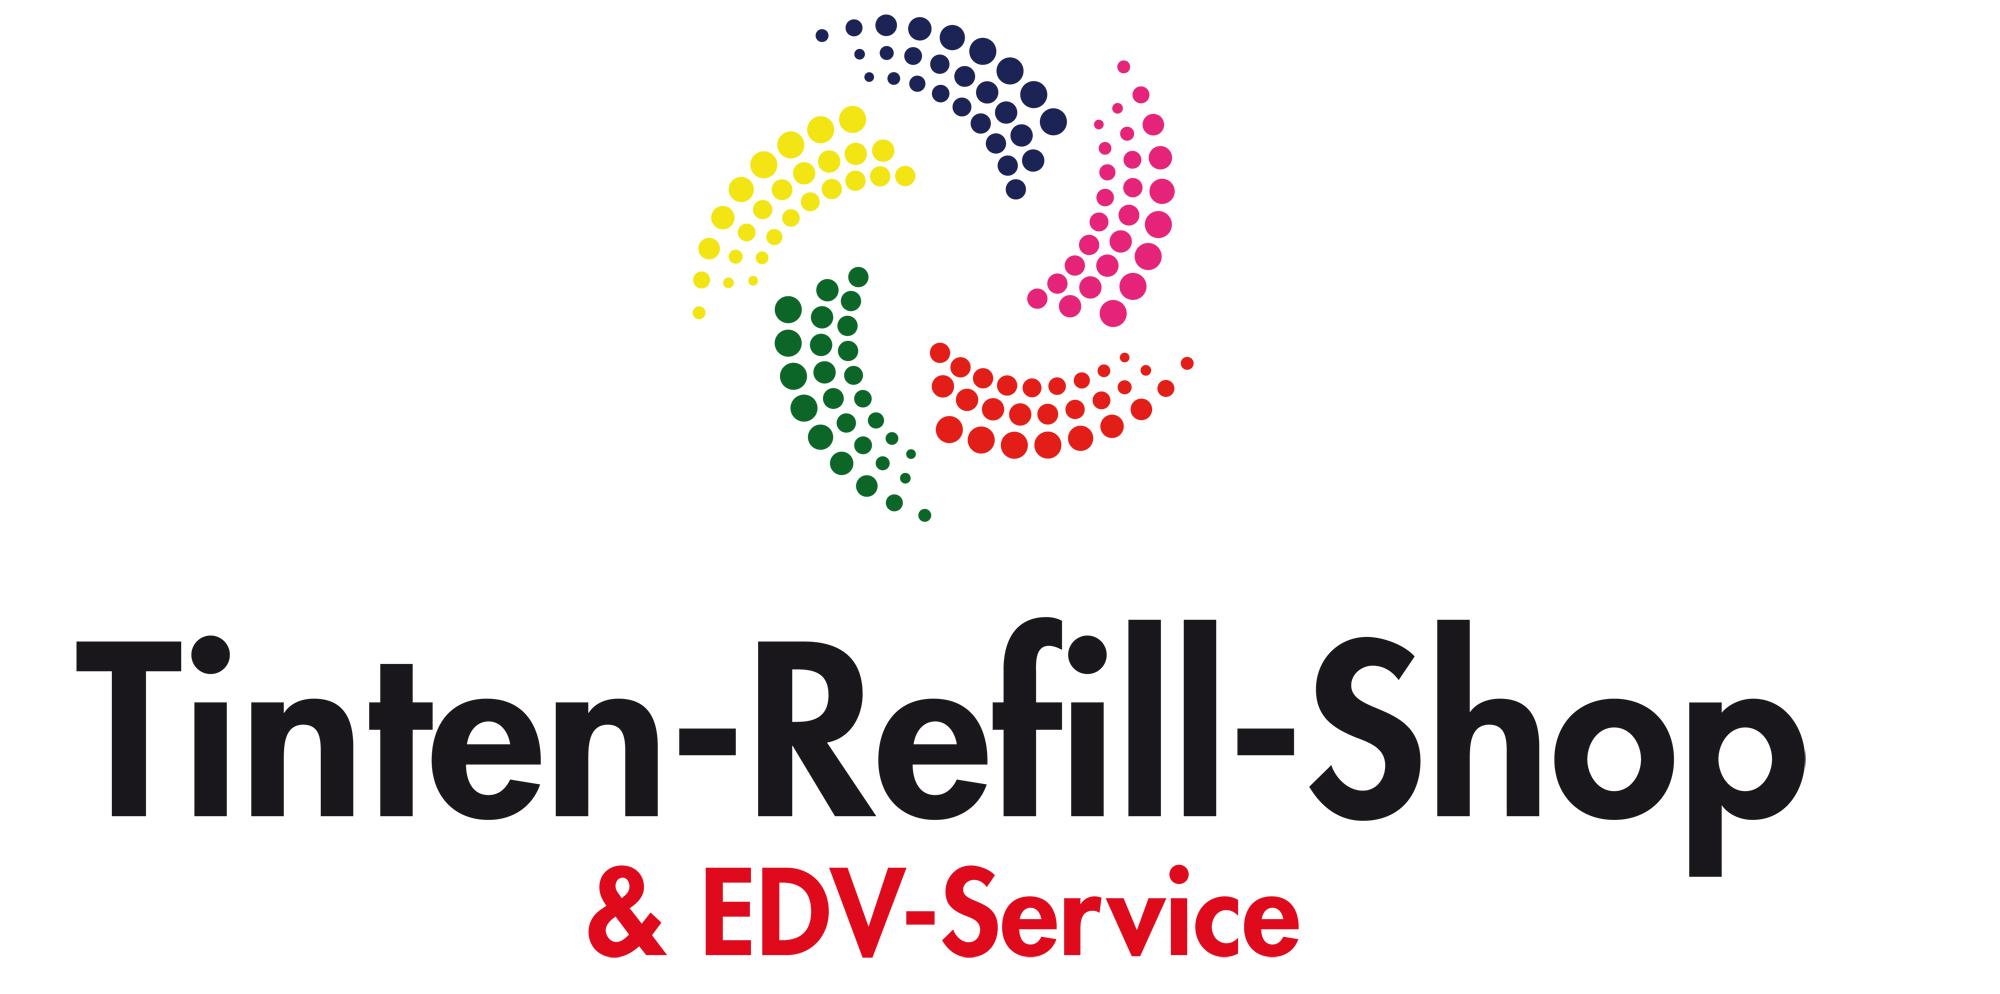 Tinten-Refill-Shop & EDV-Service